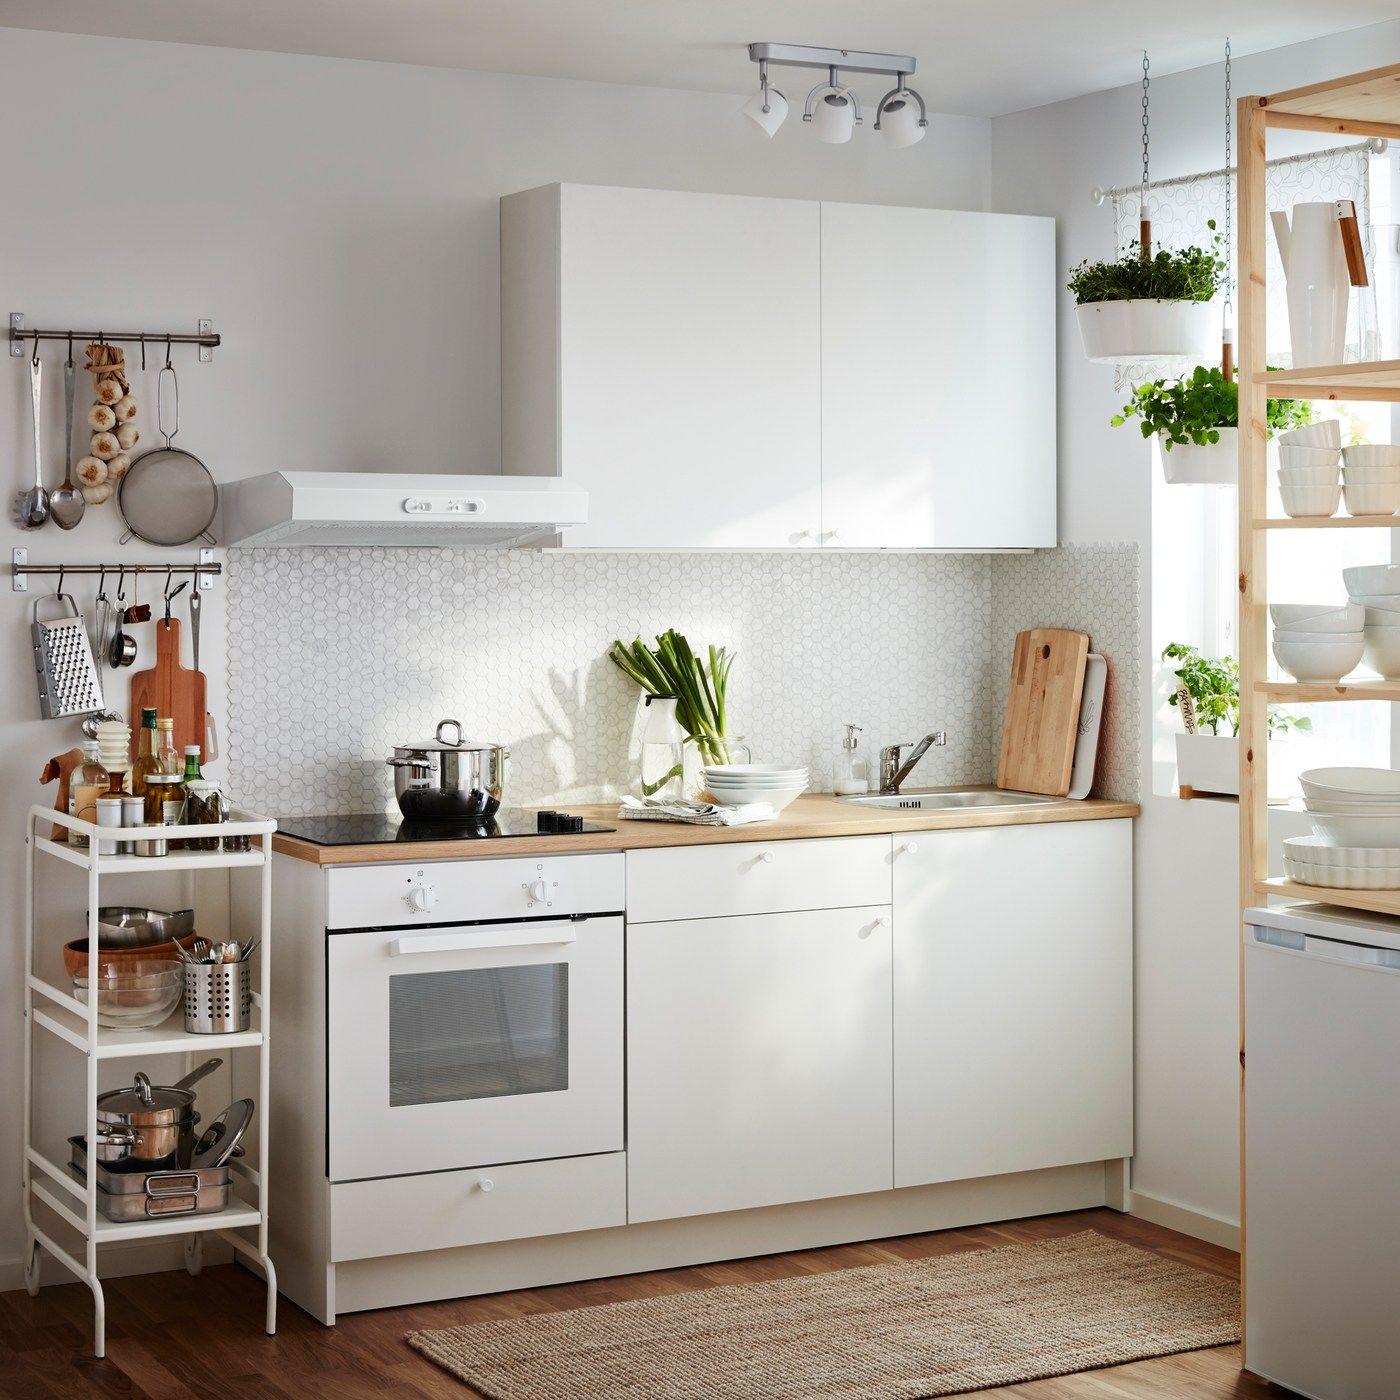 Cuisine tout en un sur 16 m²  Petite cuisine ikea, Cuisine ikea